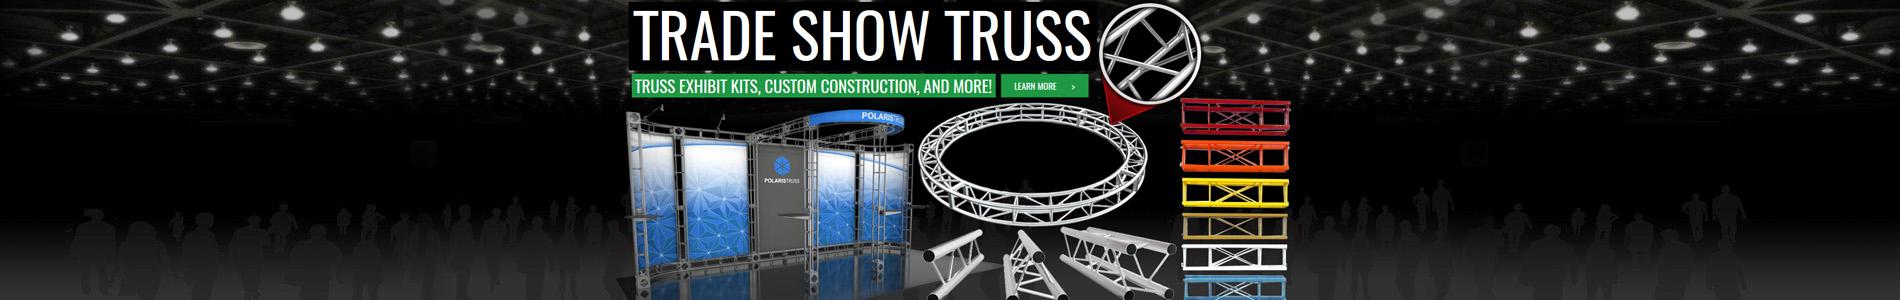 trade-show-truss